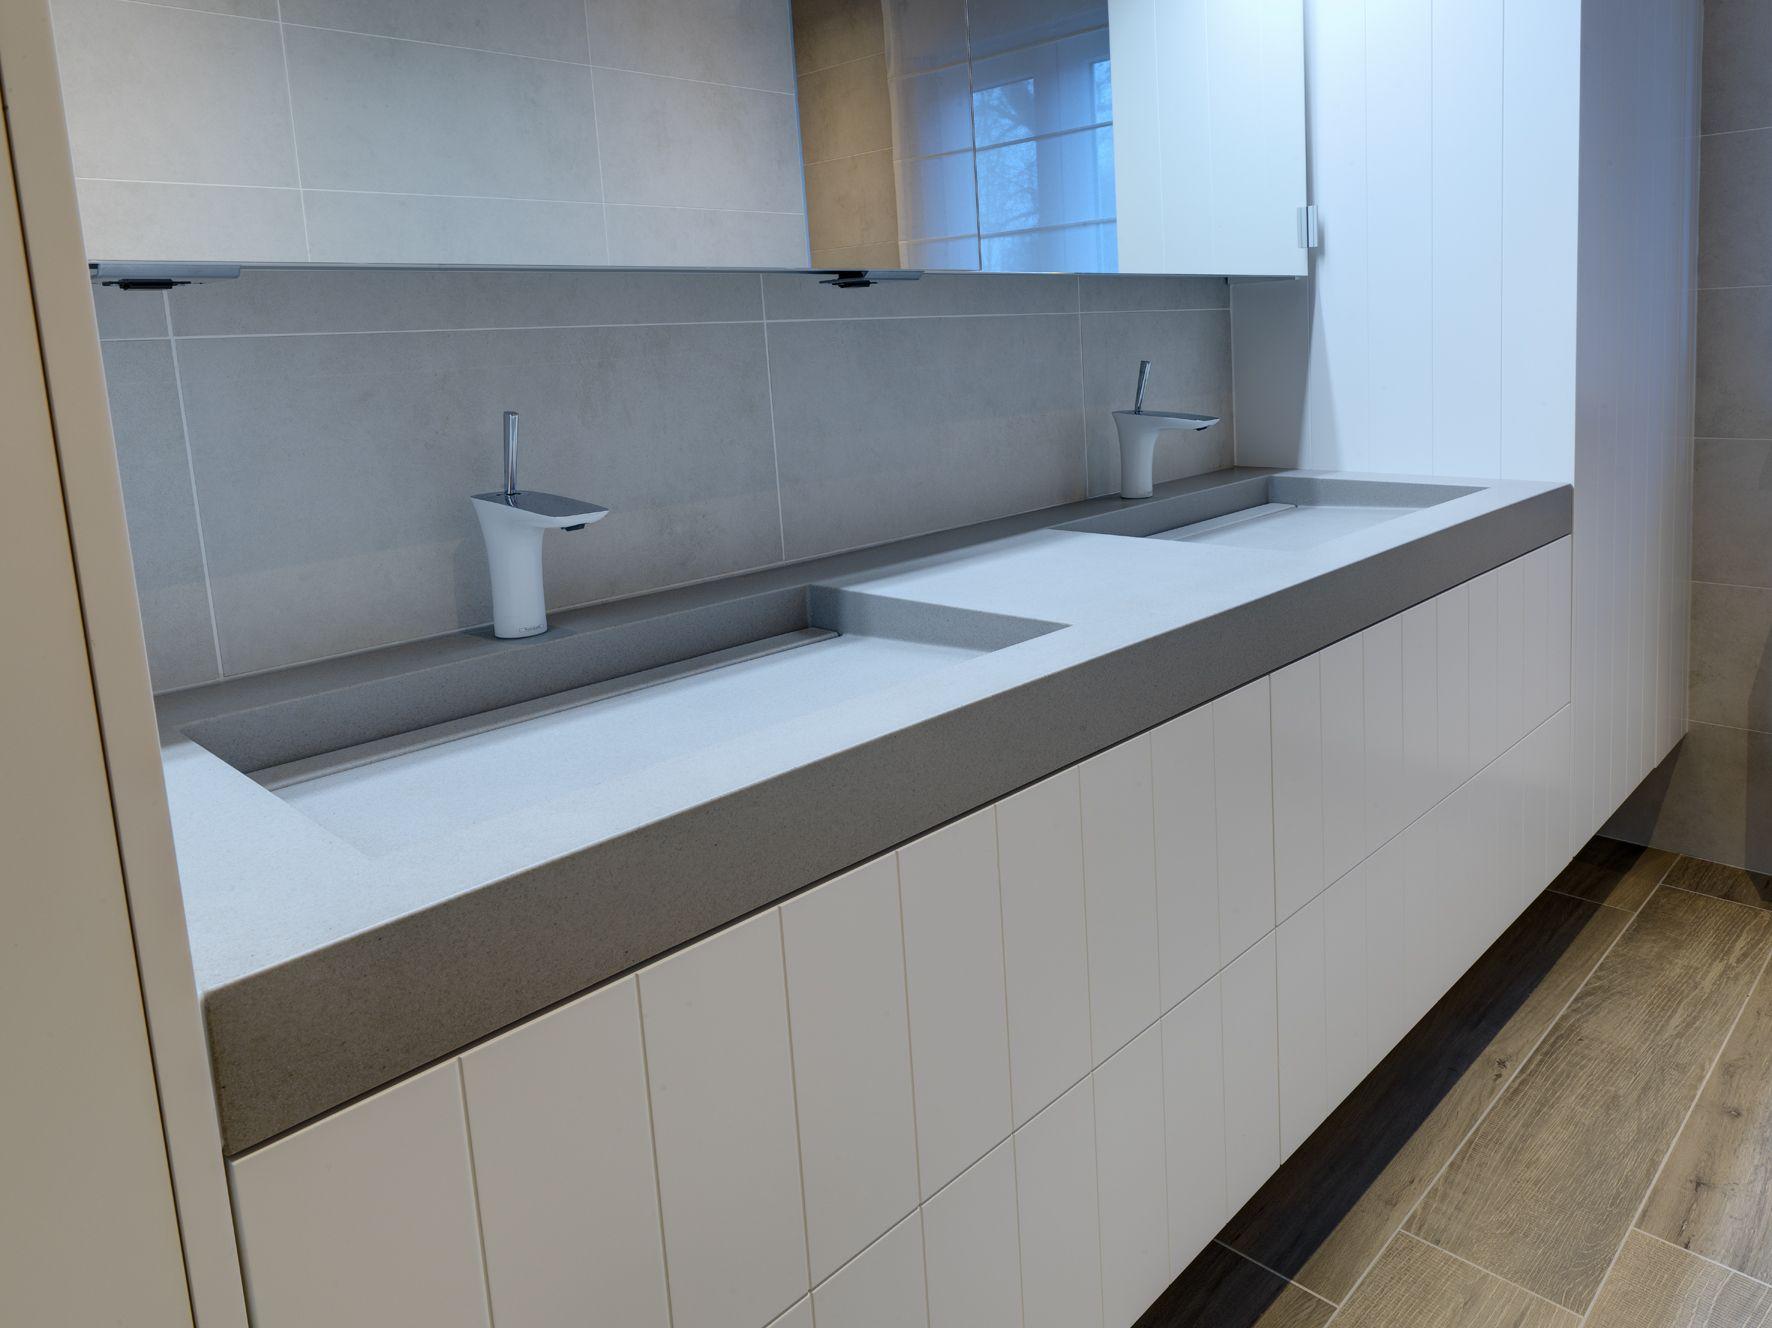 Faszinierend Küchenoberflächen Dekoration Von Pin By Denzo On Landelijk Moderne Badkamer